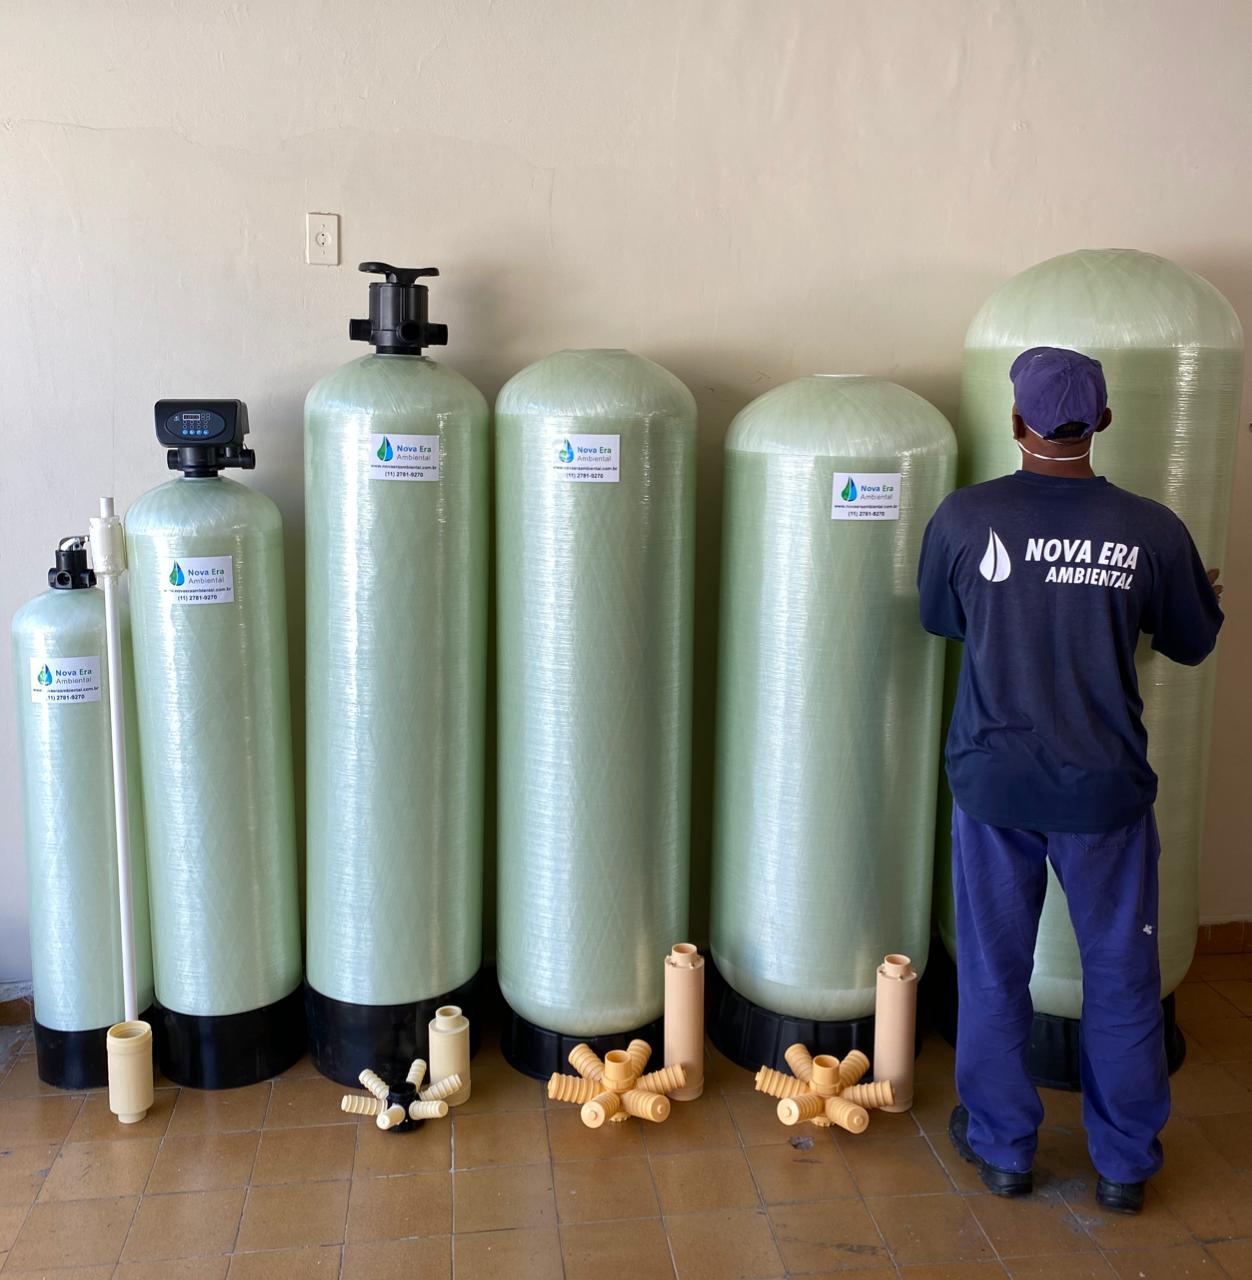 """FILTRO NEA90  de 16.000 a 24.000 litros/hora  ou  16 a 24m3/h - PADRAO 36X72"""" - incluso painel com registros  seletores, crepinas e tubo central"""